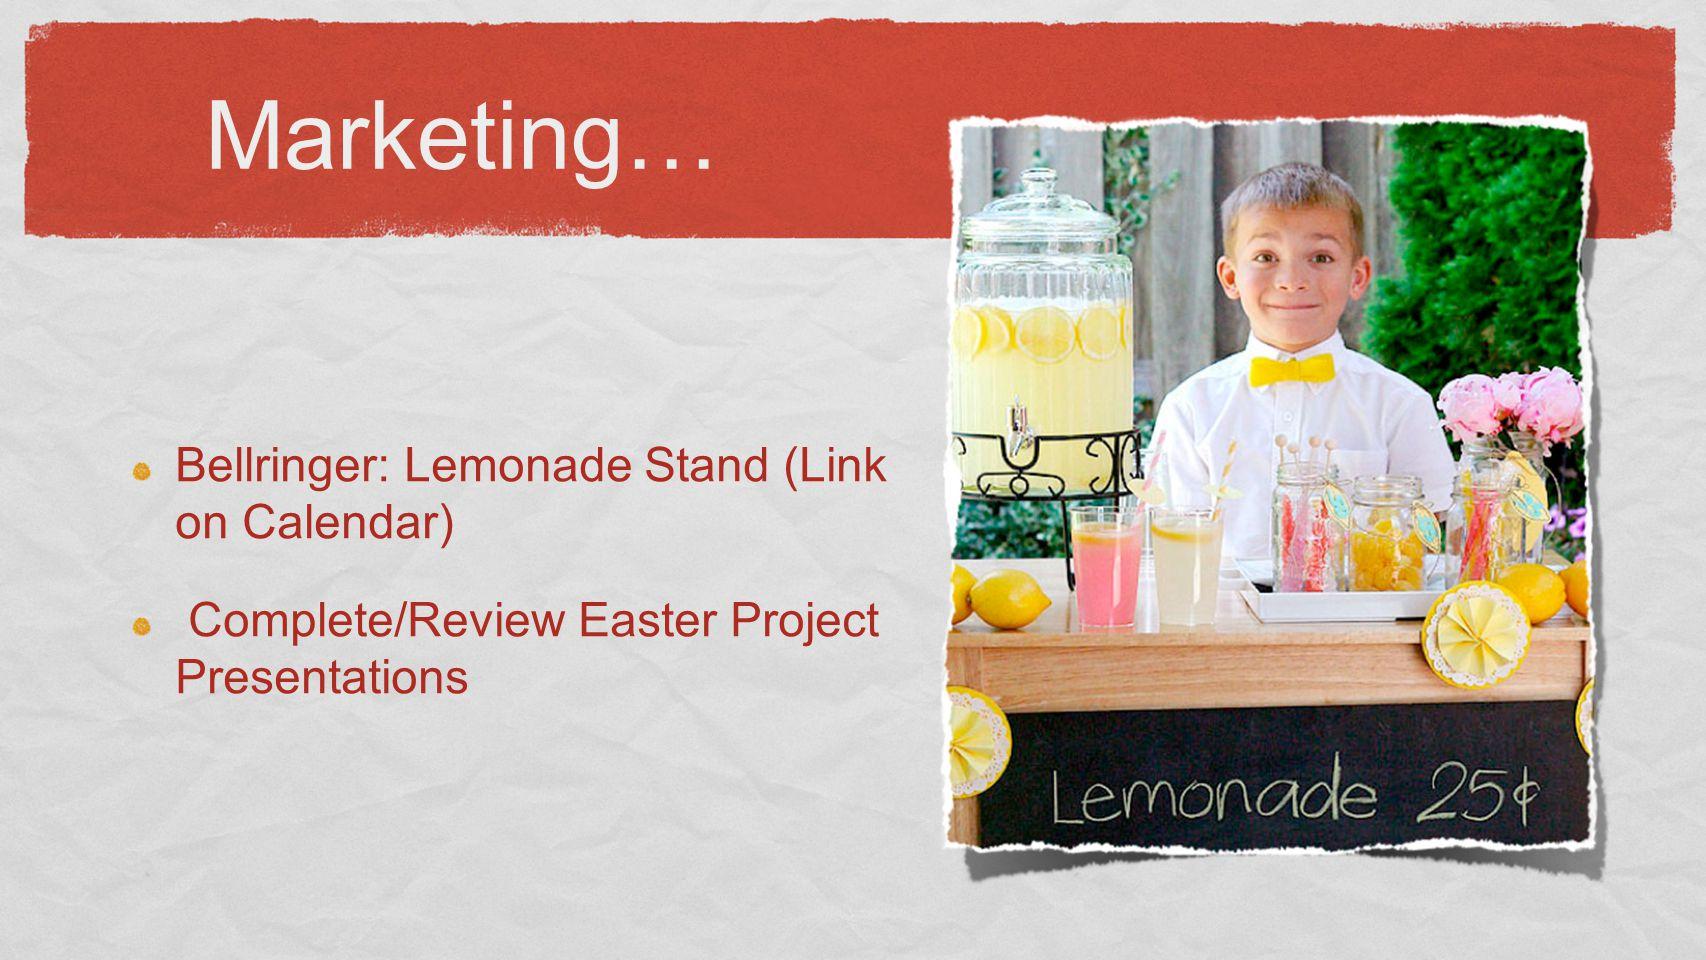 Marketing… Bellringer: Lemonade Stand (Link on Calendar) Complete/Review Easter Project Presentations